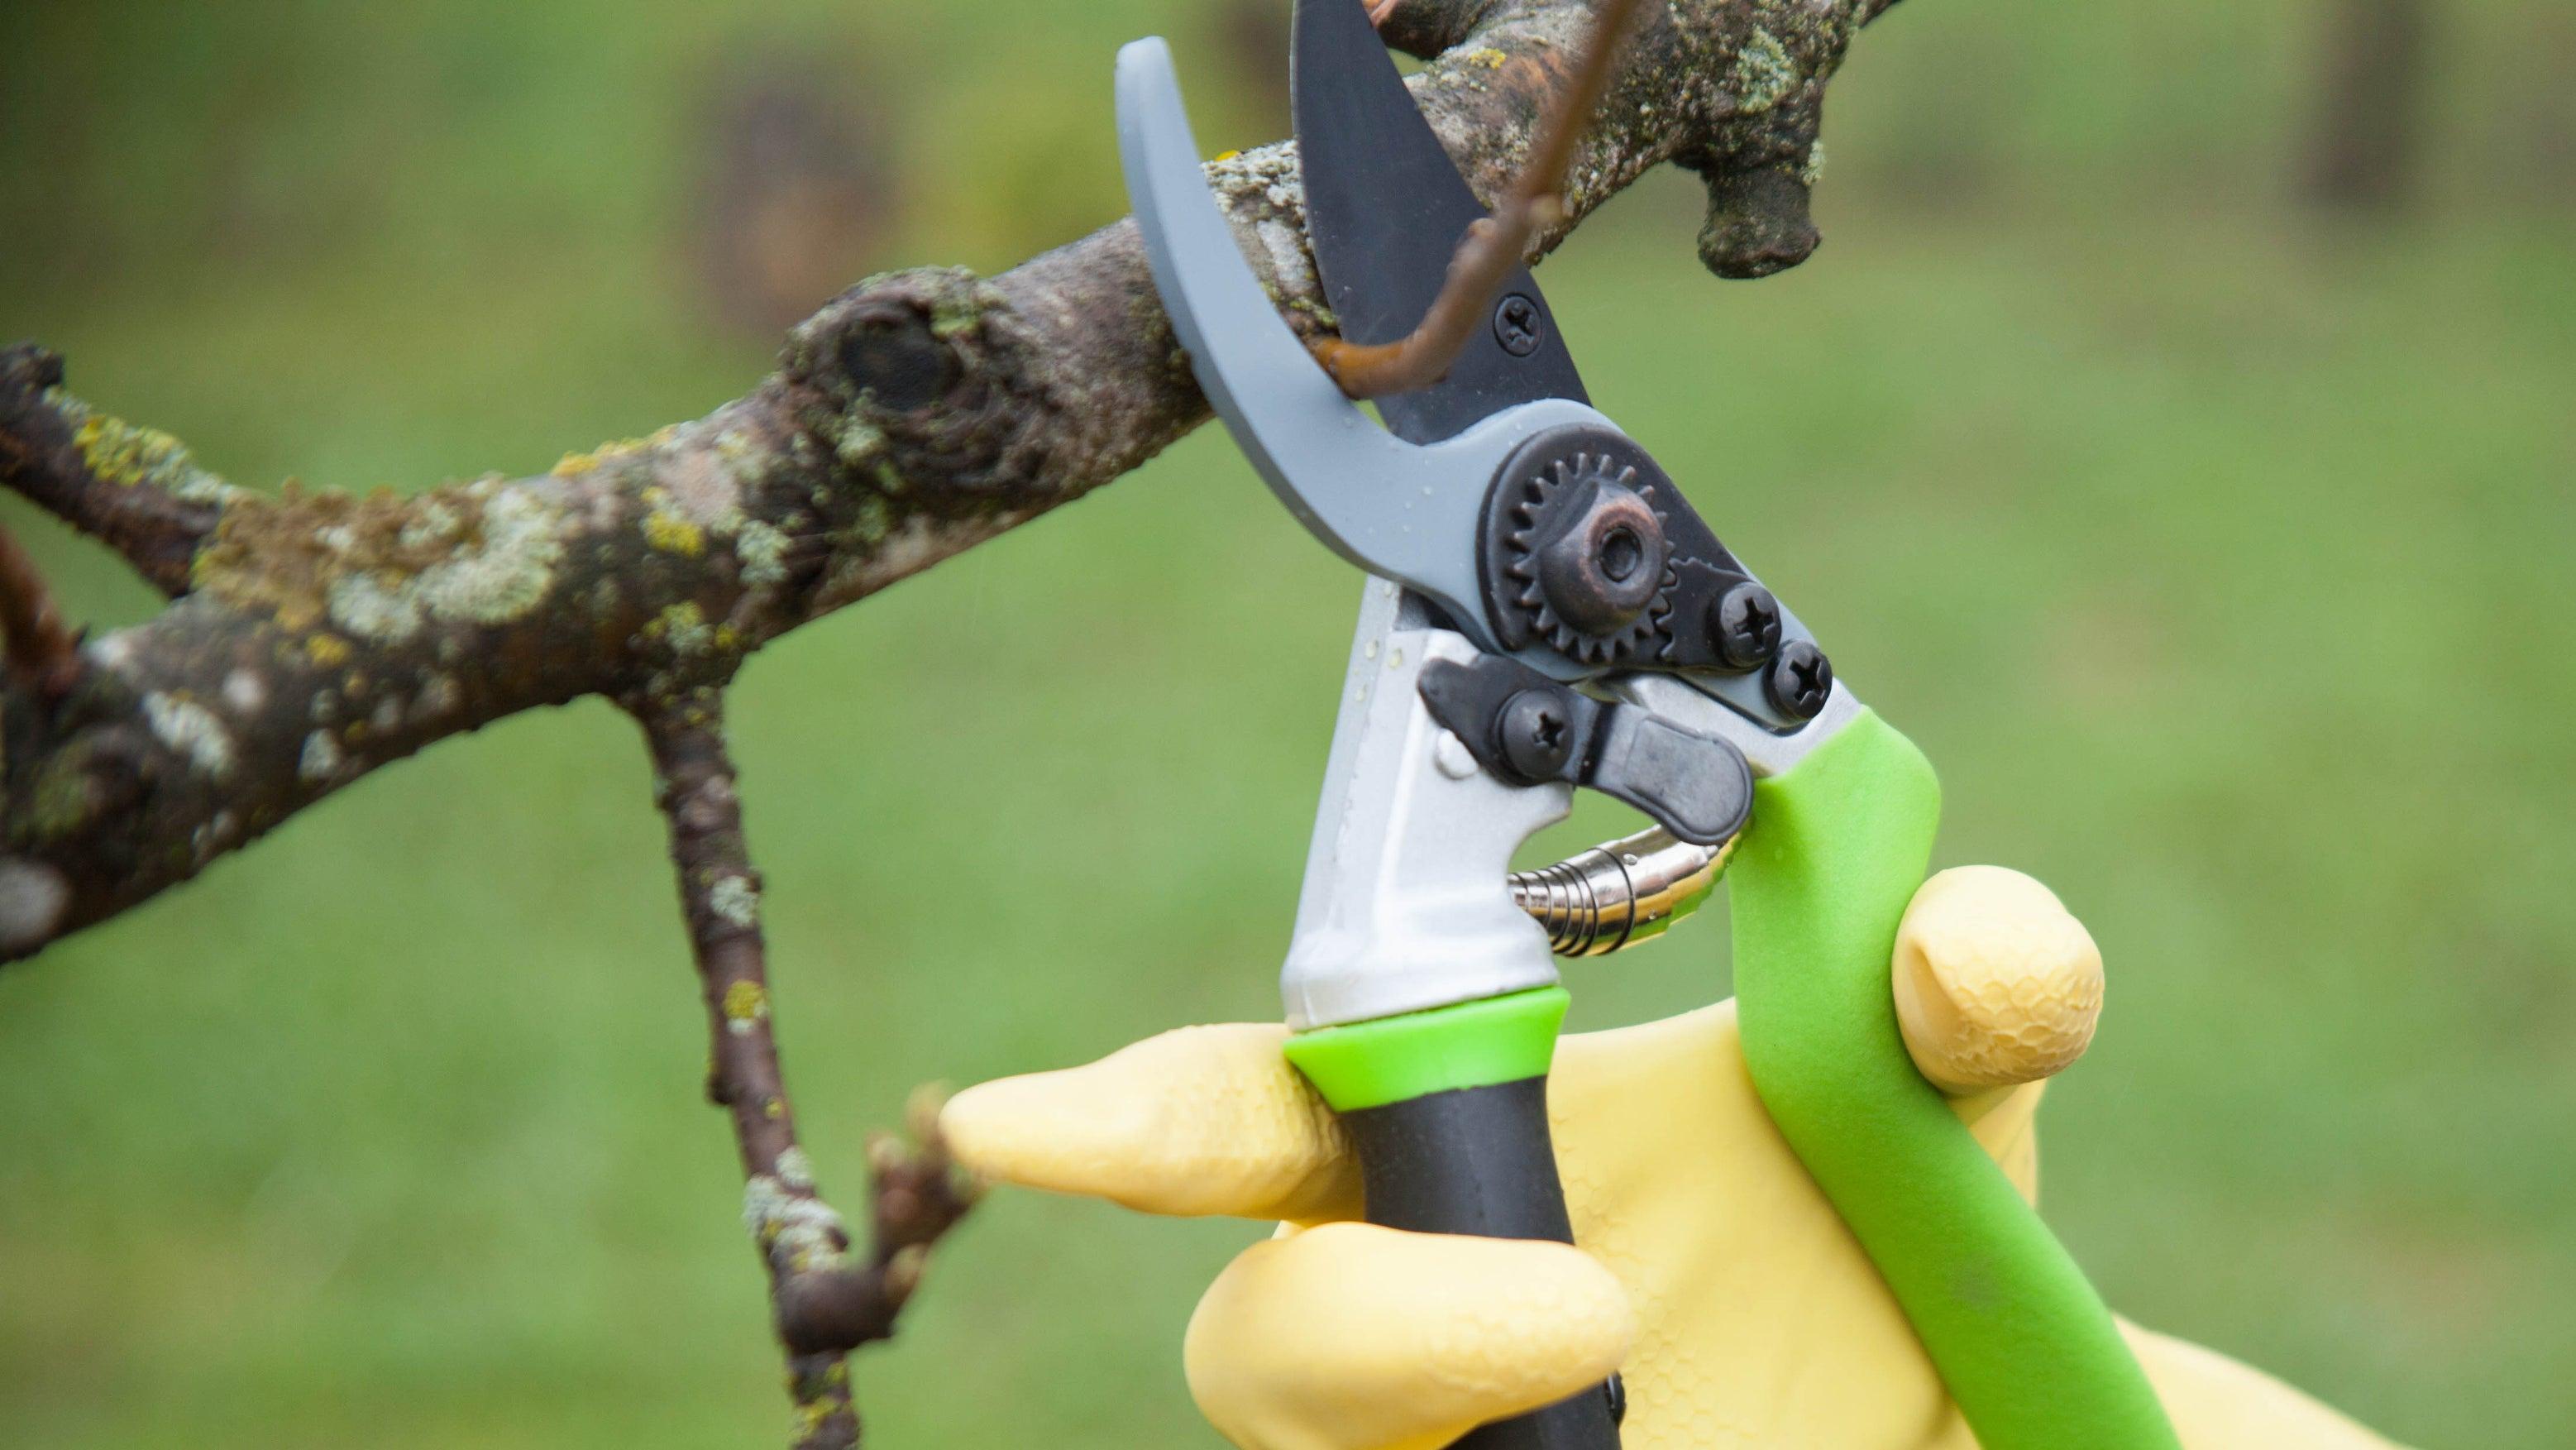 Welche Pflanzen Hobby-Gärtner jetzt nicht schneiden  sollten